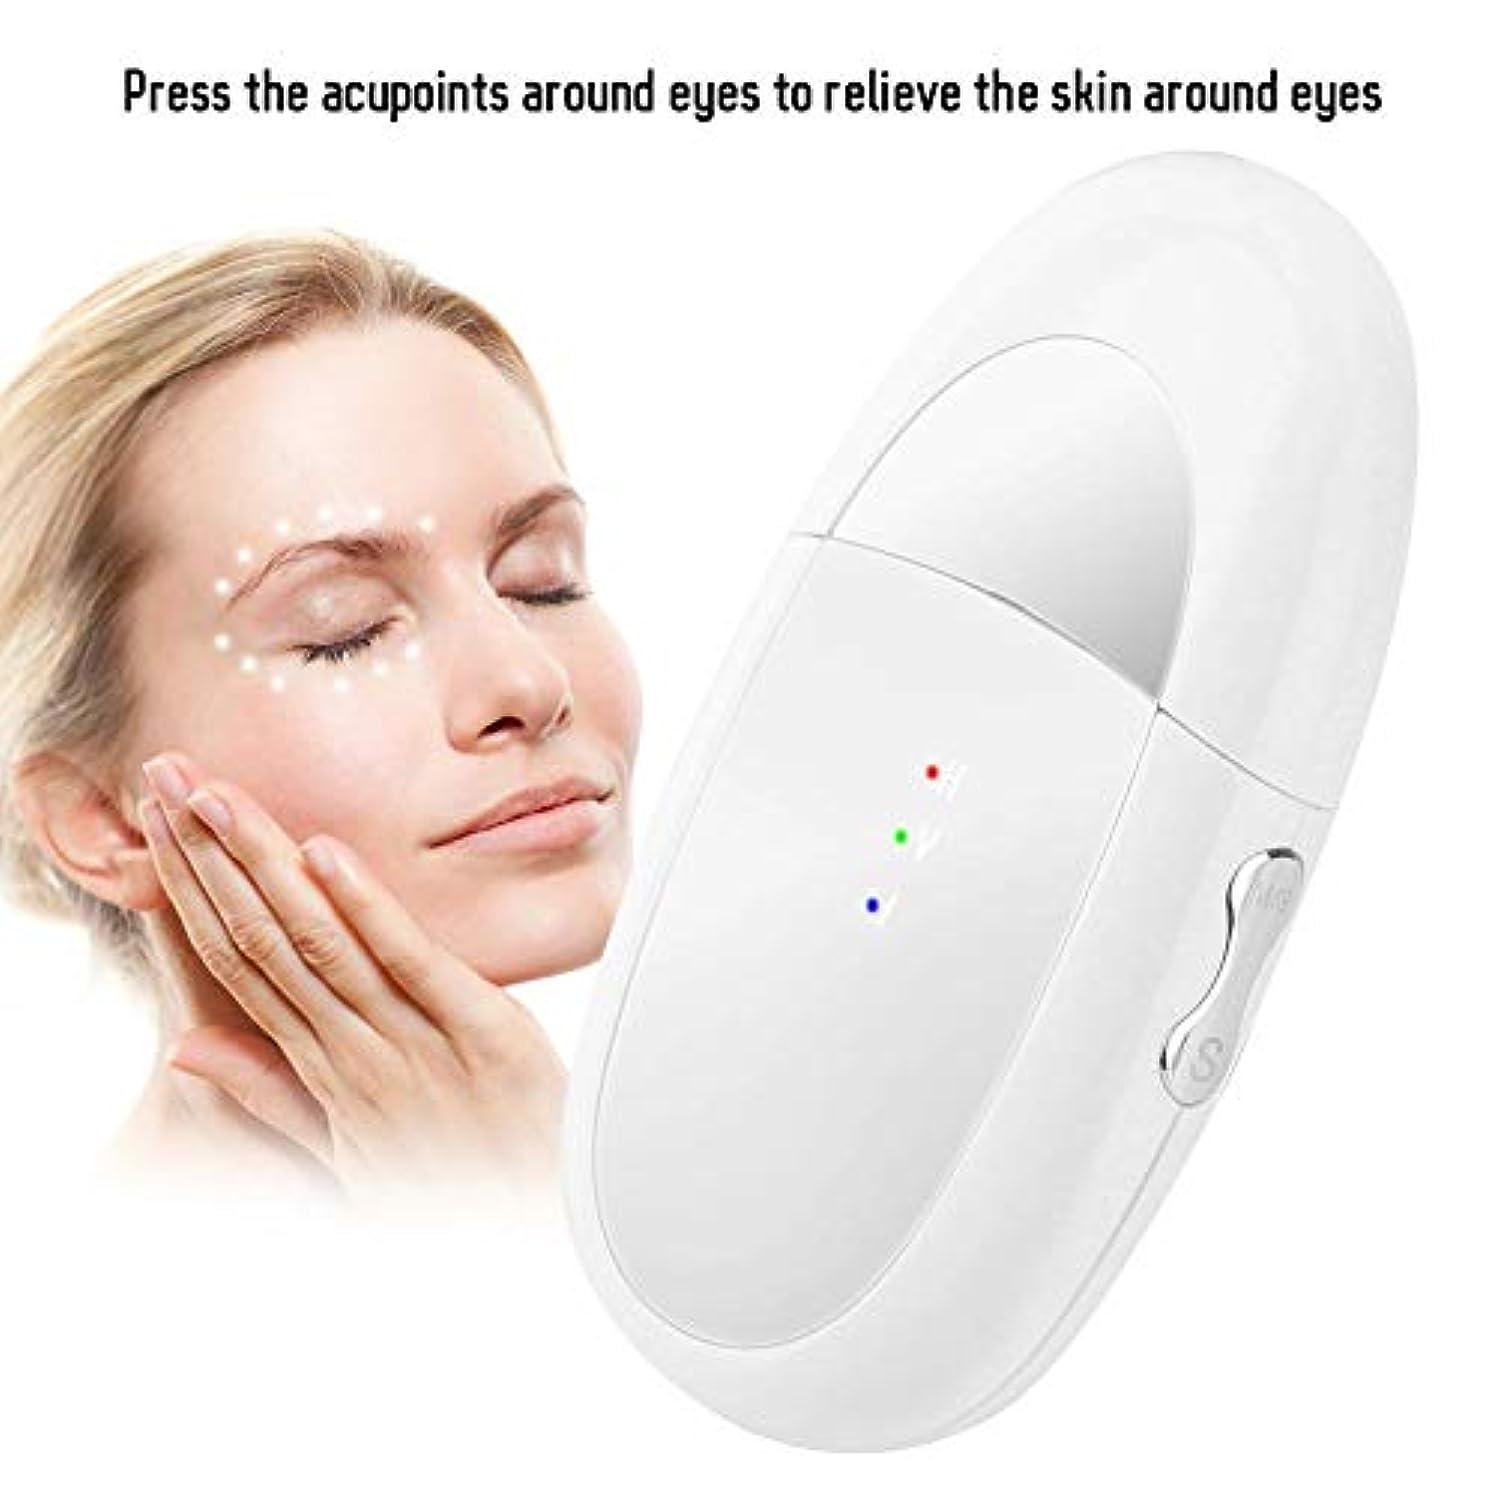 自体スピンピアニストアイマッサージャー、2 in 1 Eye&Lipマッサージャーイオンインポートバイブレーションマッサージャーは、ダークサークルとむくみを緩和しますEyes&Lips Care Device